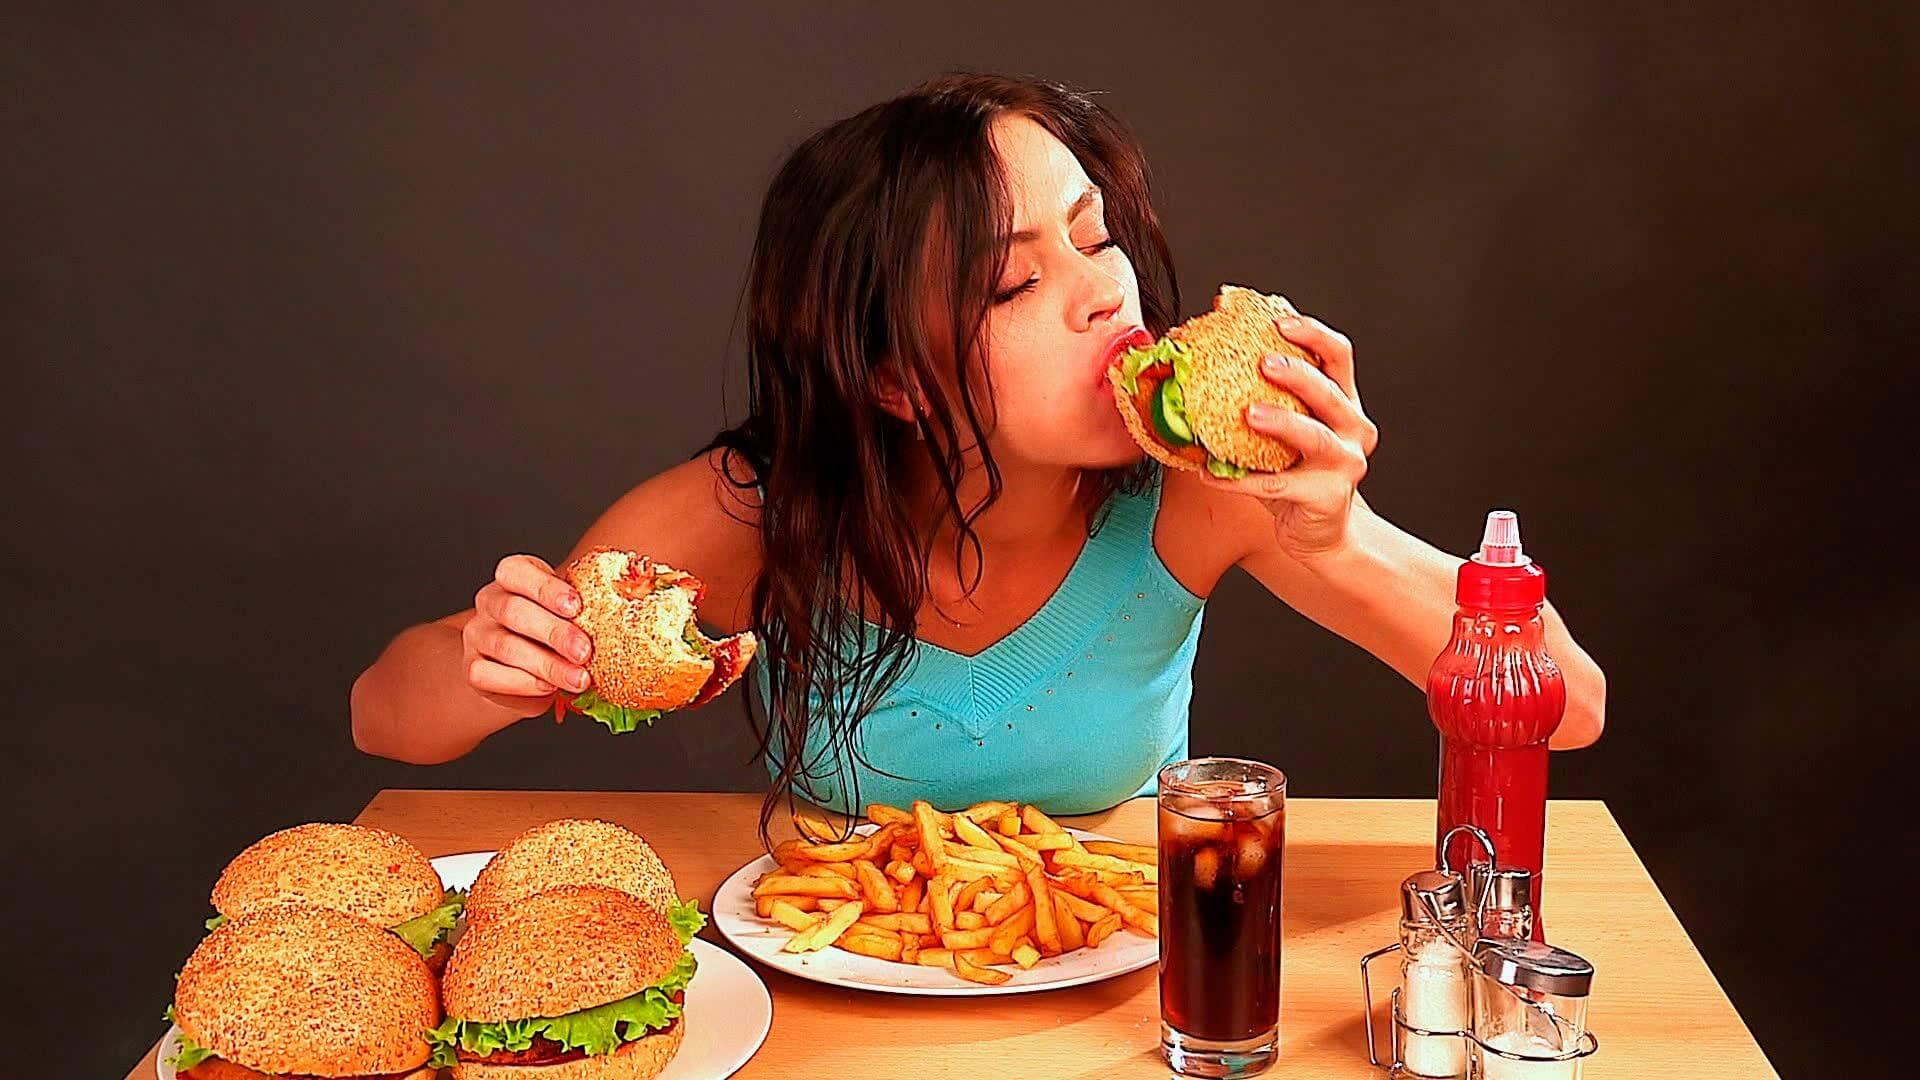 Mangez-vous parce que vous avez faim ou pour rassasier vos émotions ?